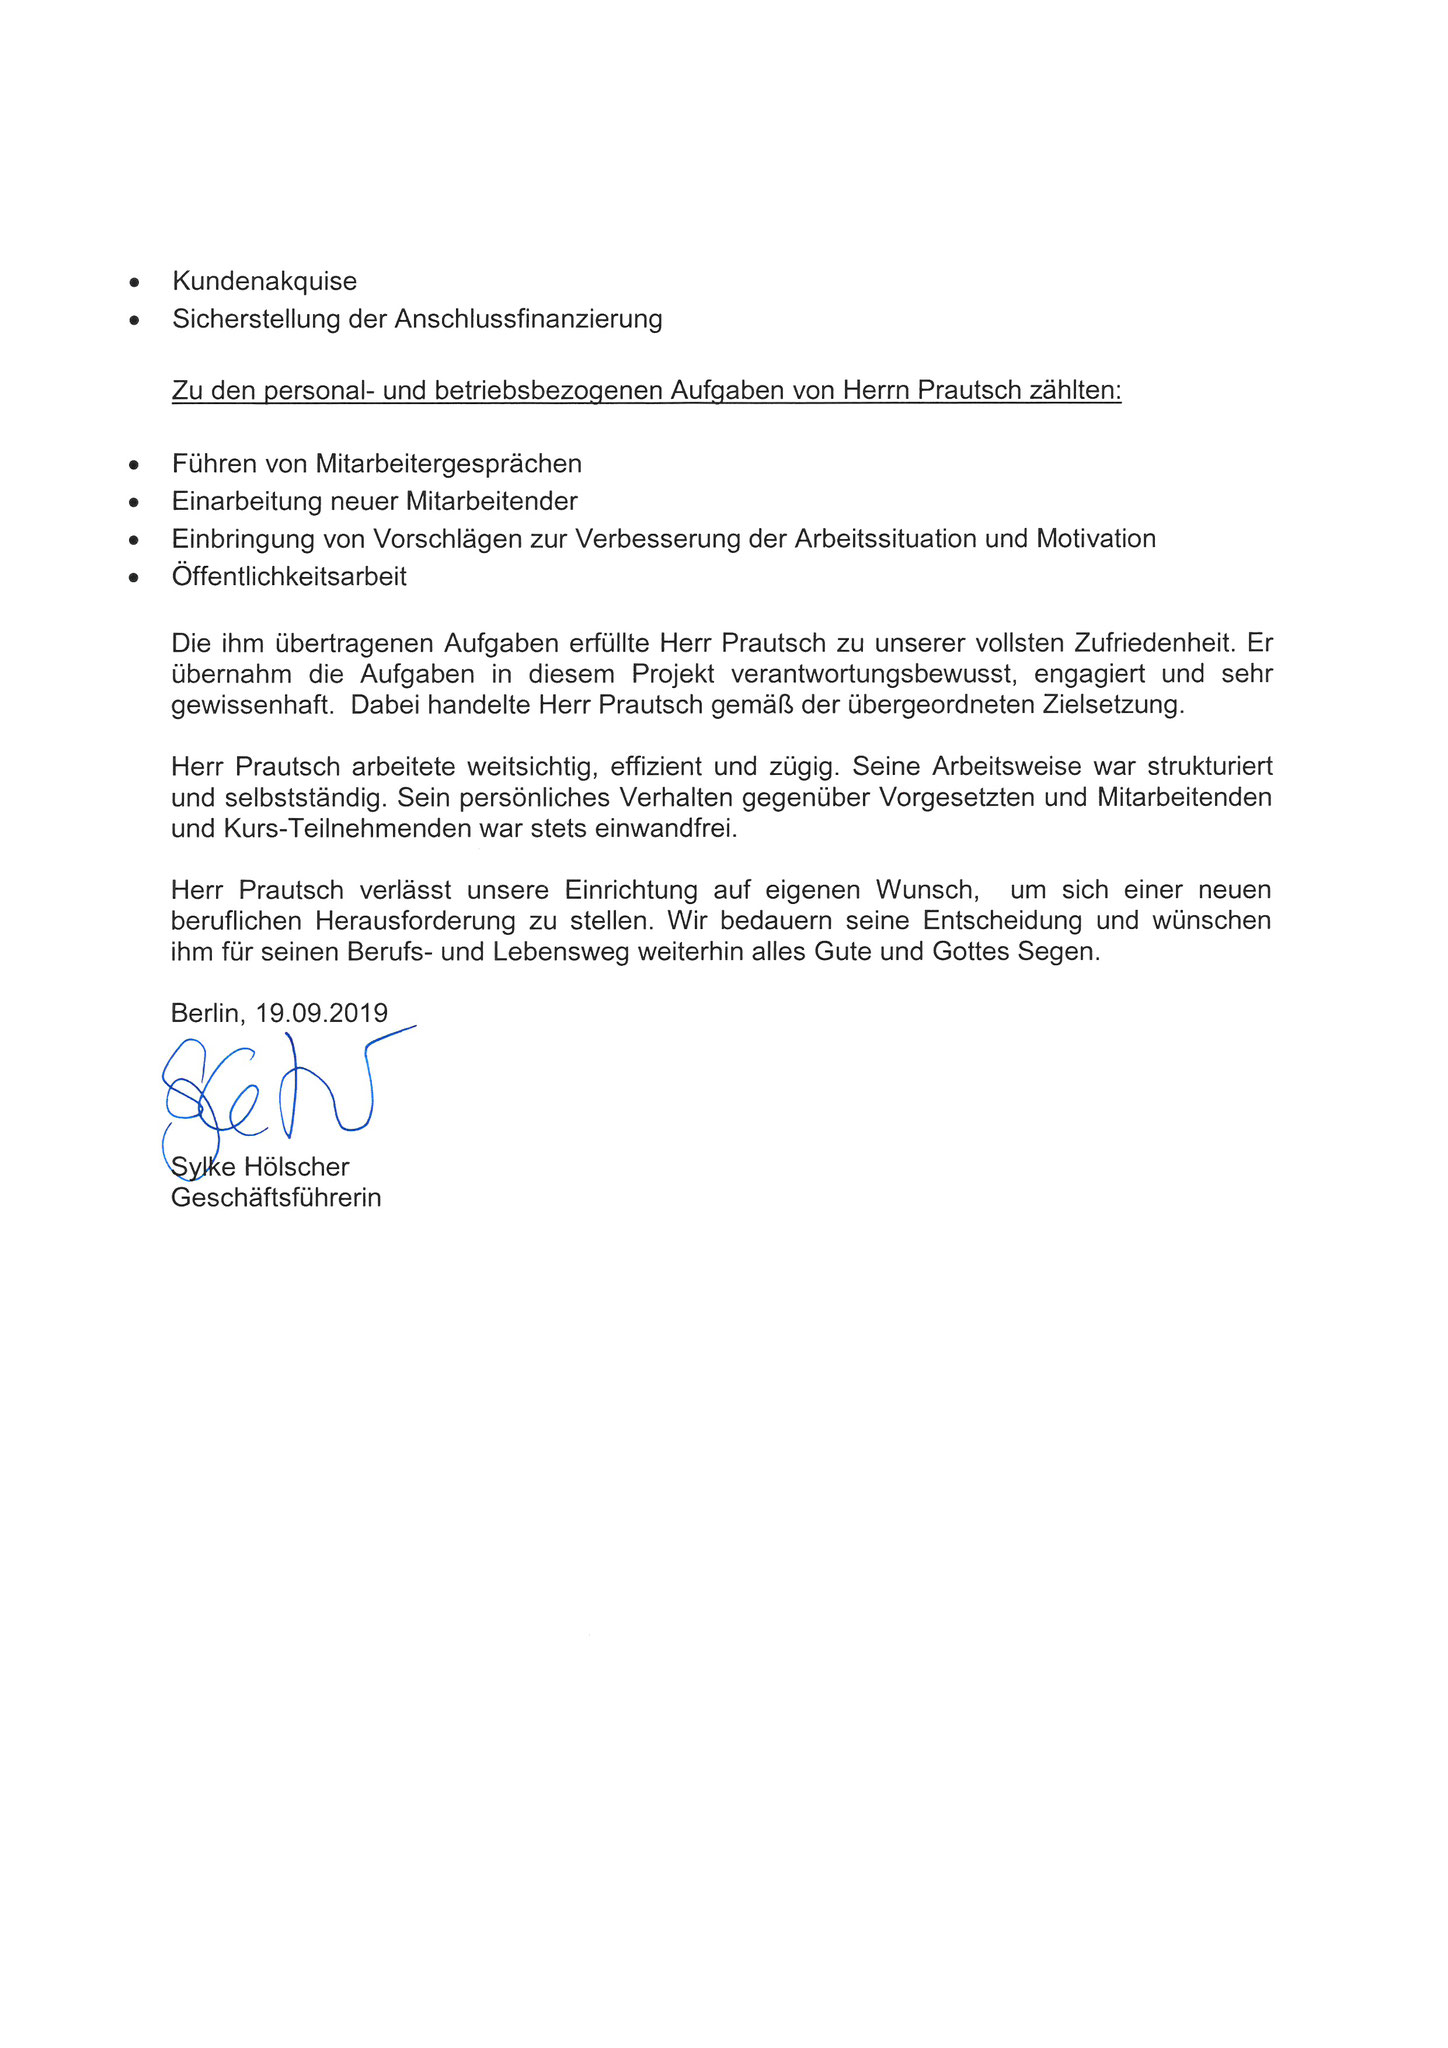 Zeugnis Evangelisches Johannesstift Diakonie_Seite 2 - 2019